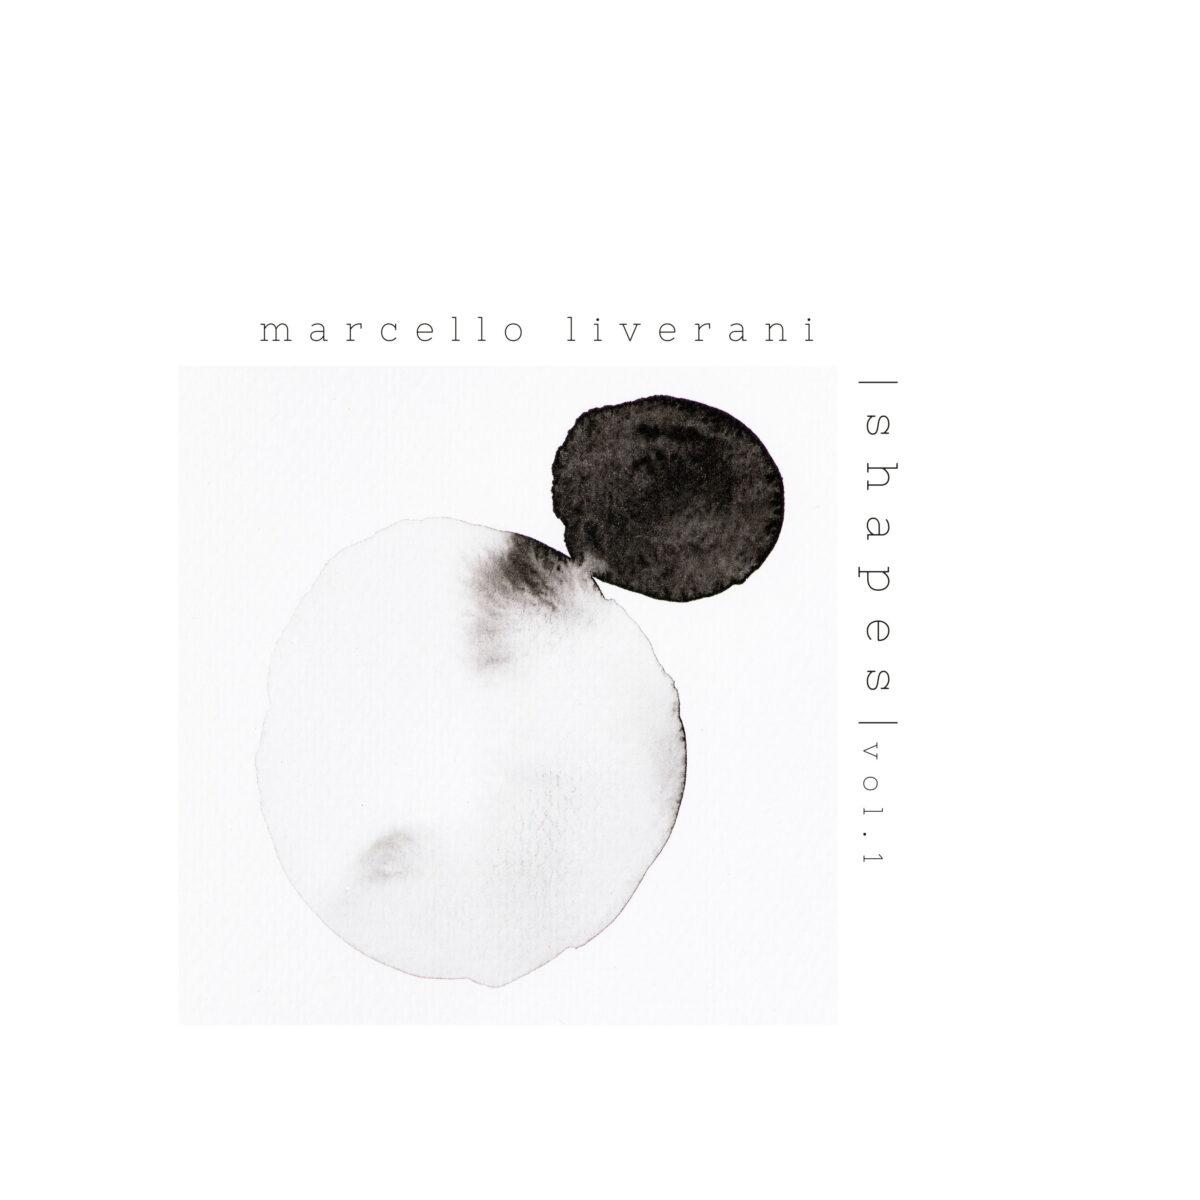 Marcello Liverani - Shapes - volume 1 - Icon Music - ascolti - album - 2021 - Sa Scena - 5 febbraio 2021